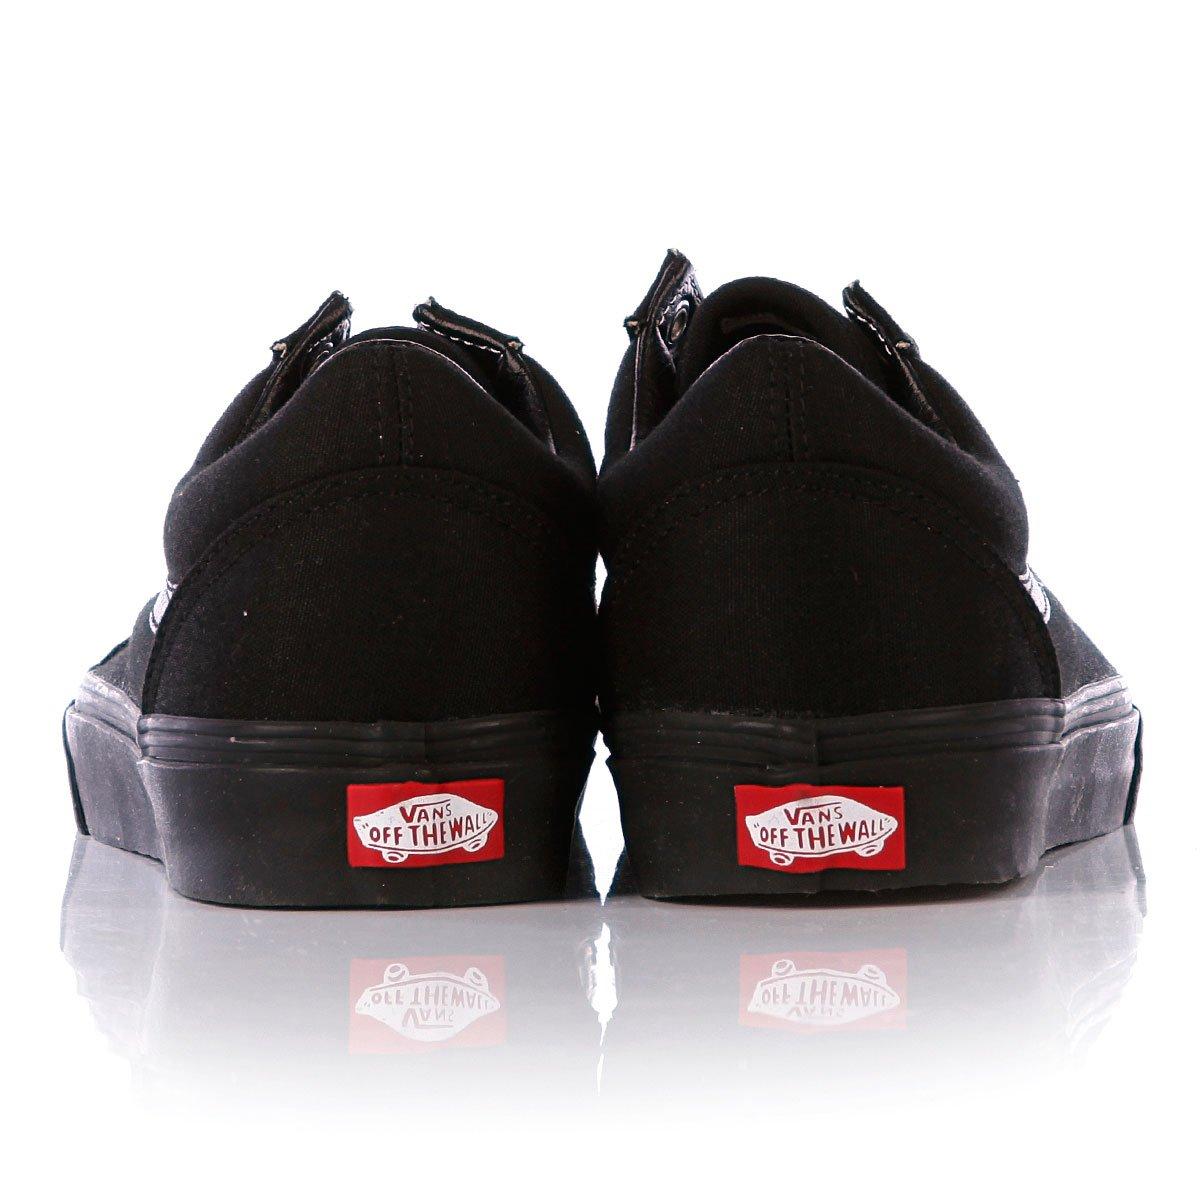 Купить кеды низкие Vans Old Skool Black Black в интернет-магазине ... dbb4e5a85a6